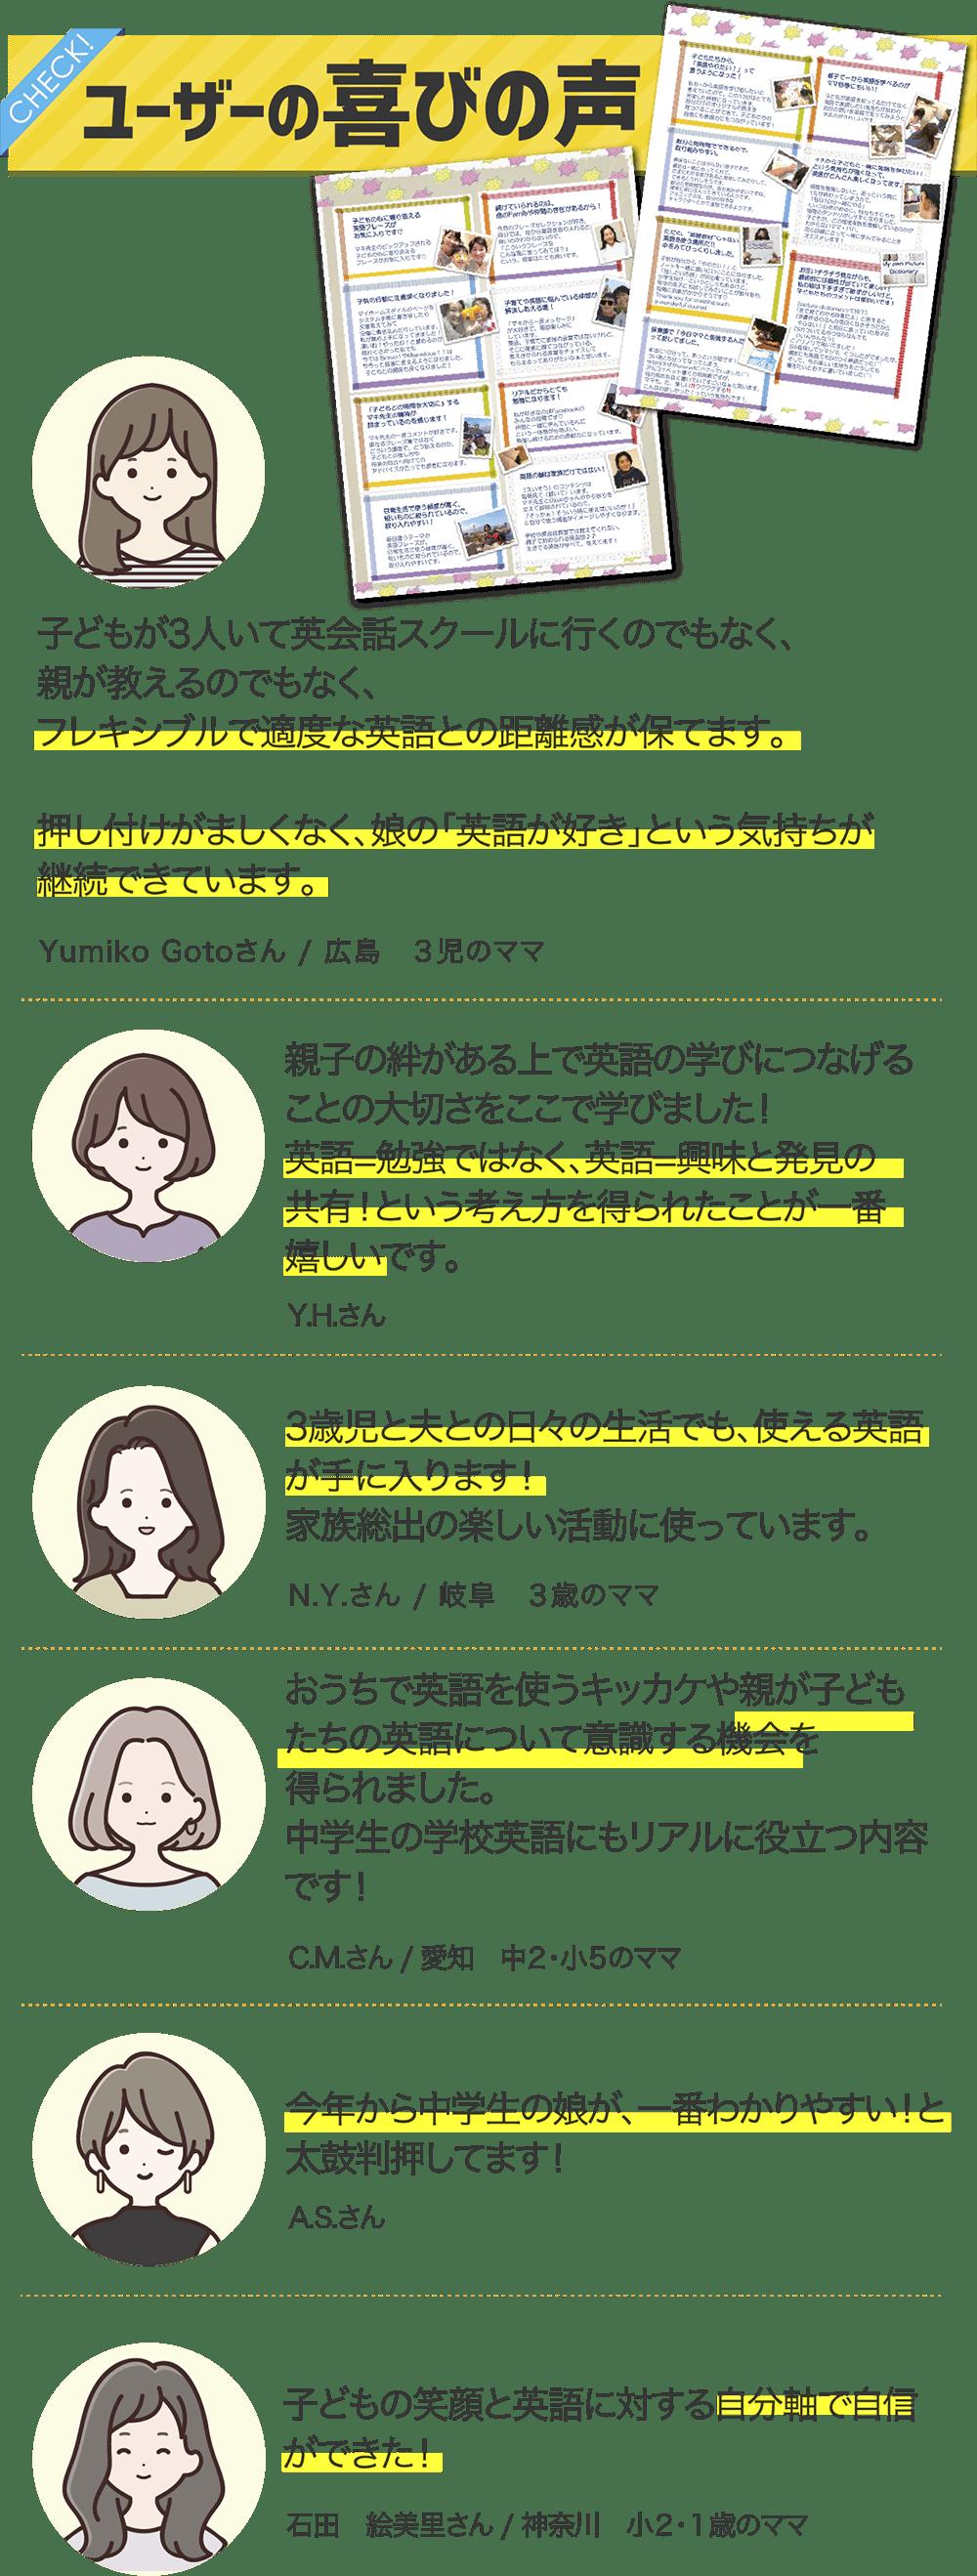 ユーザーの喜びの声